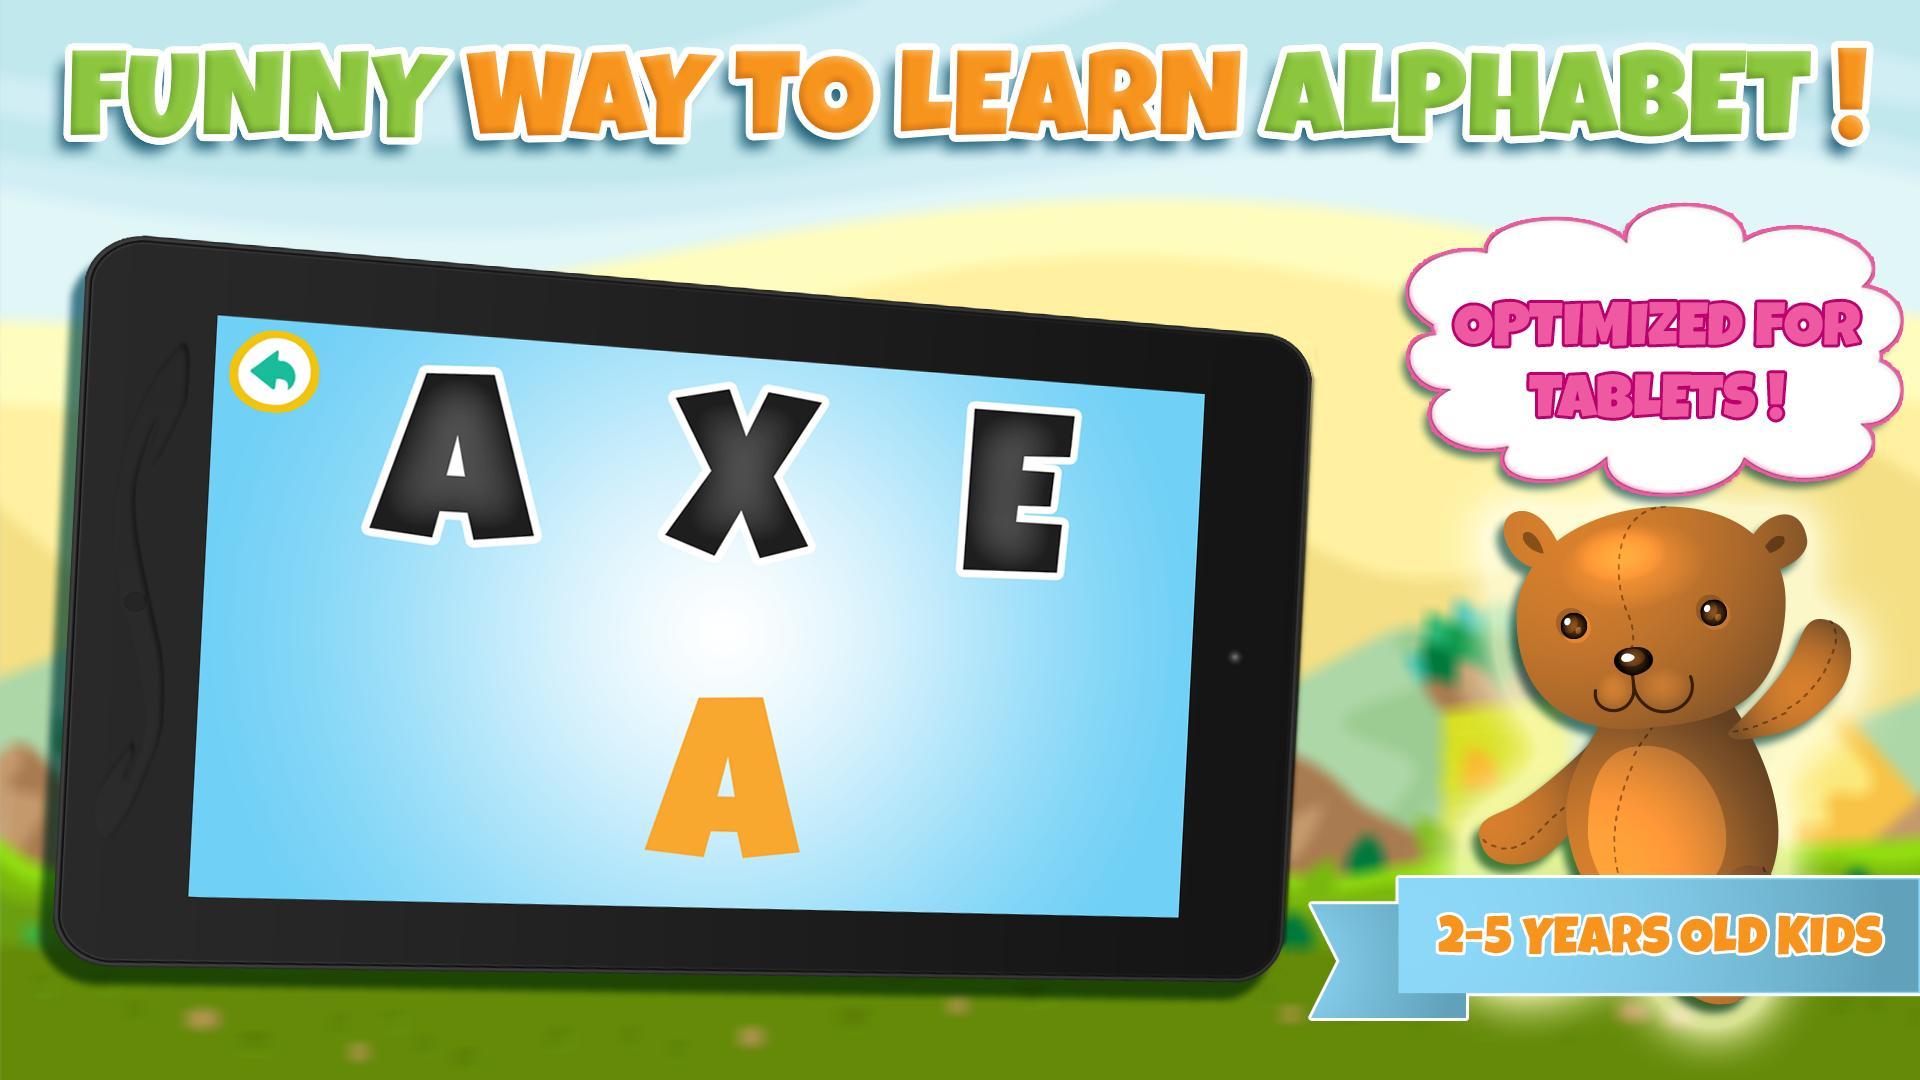 Apprendre Alphabet Jeux Enfant Pour Android - Téléchargez L'apk intérieur Jeux Pour Apprendre L Alphabet